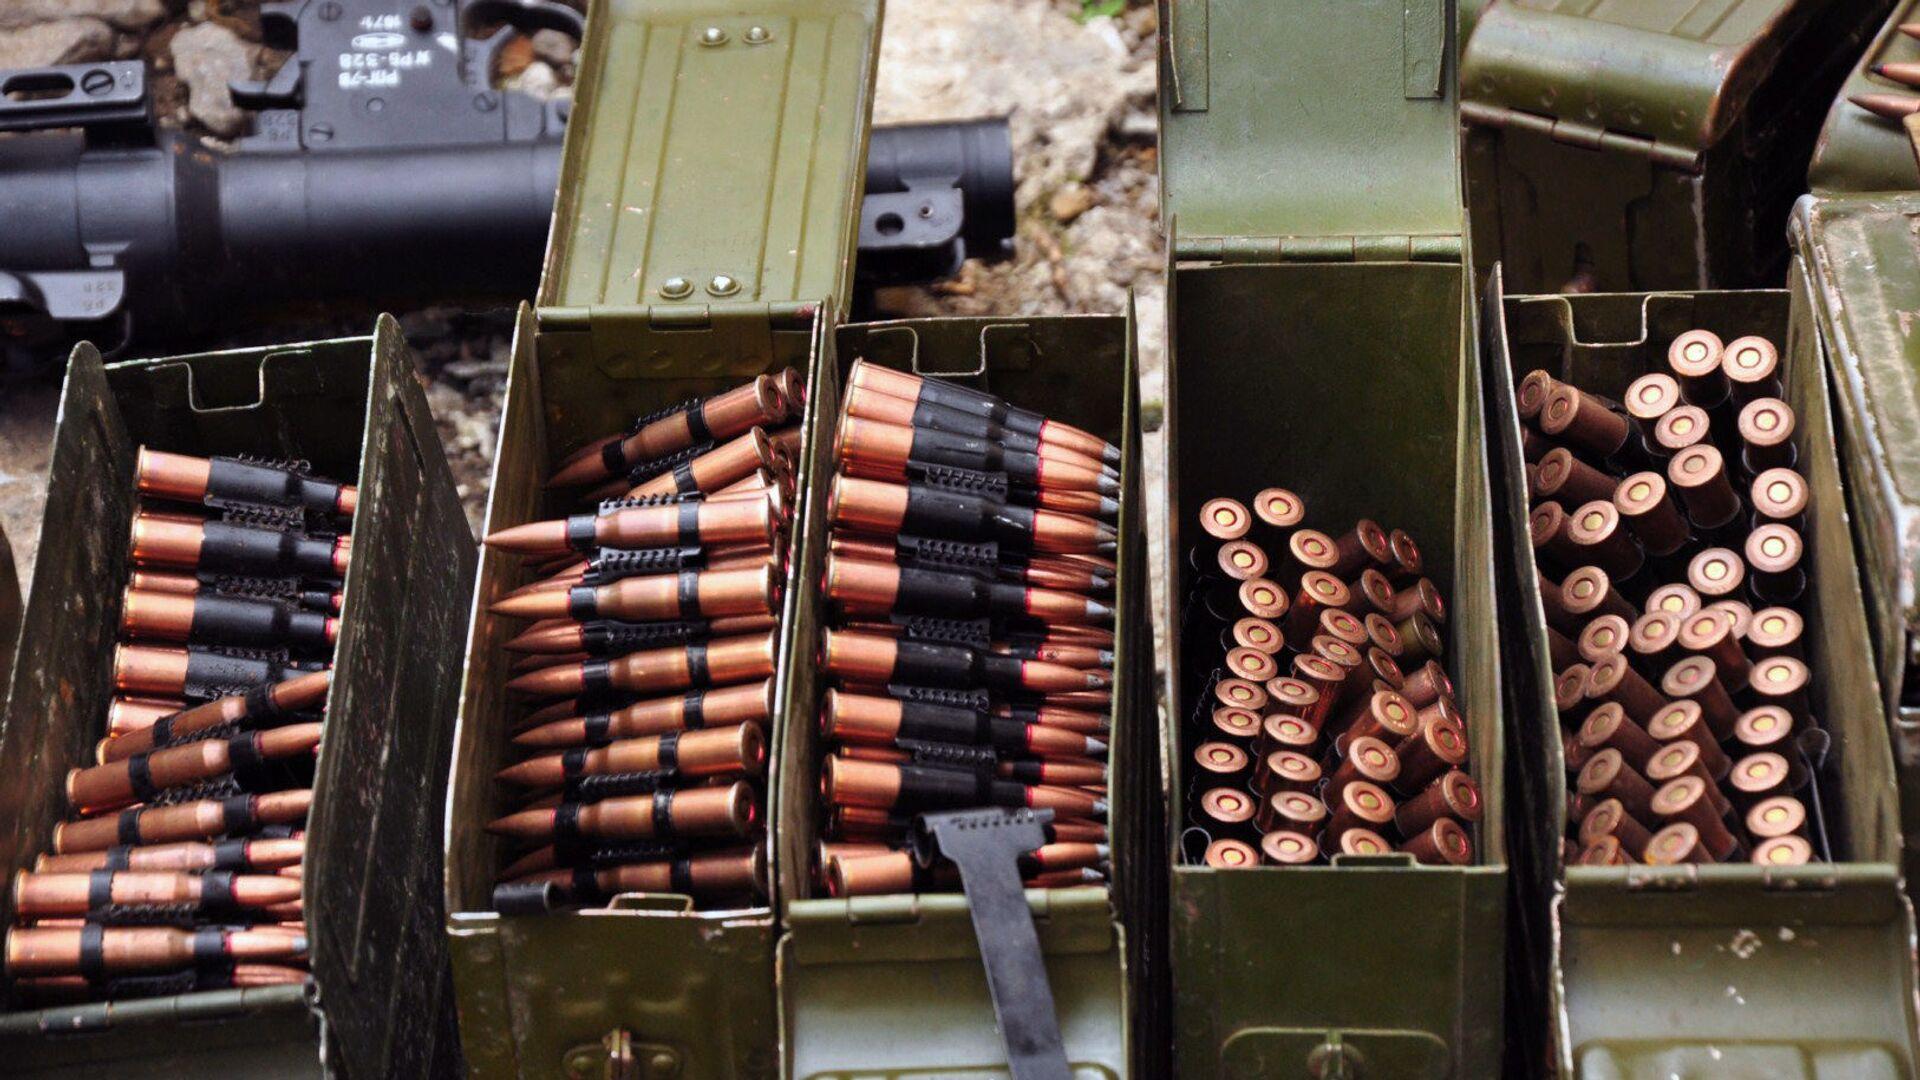 Broń i amunicja znalezione w piwnicy jednego z domów w Perewalśku - Sputnik Polska, 1920, 12.10.2021